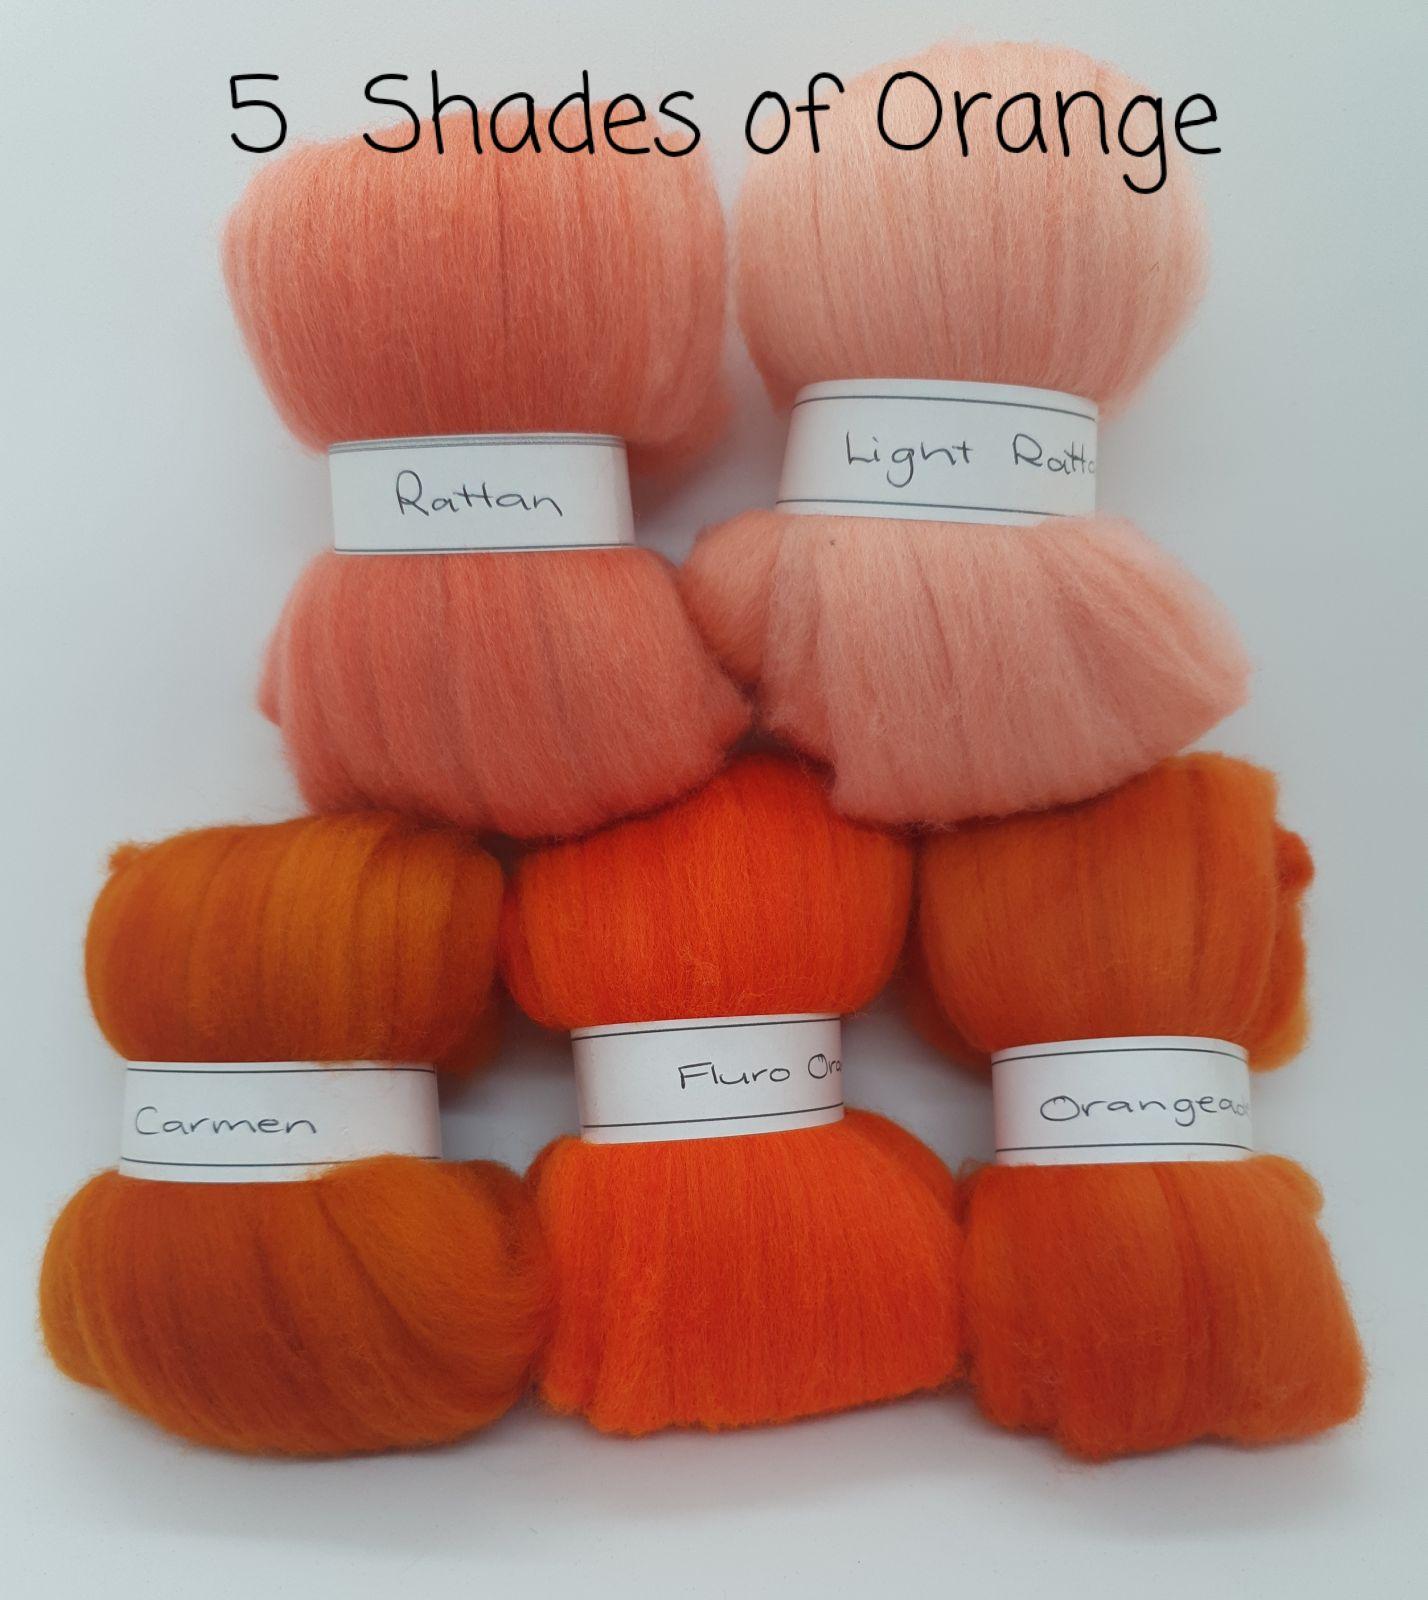 5 Shades of Orange